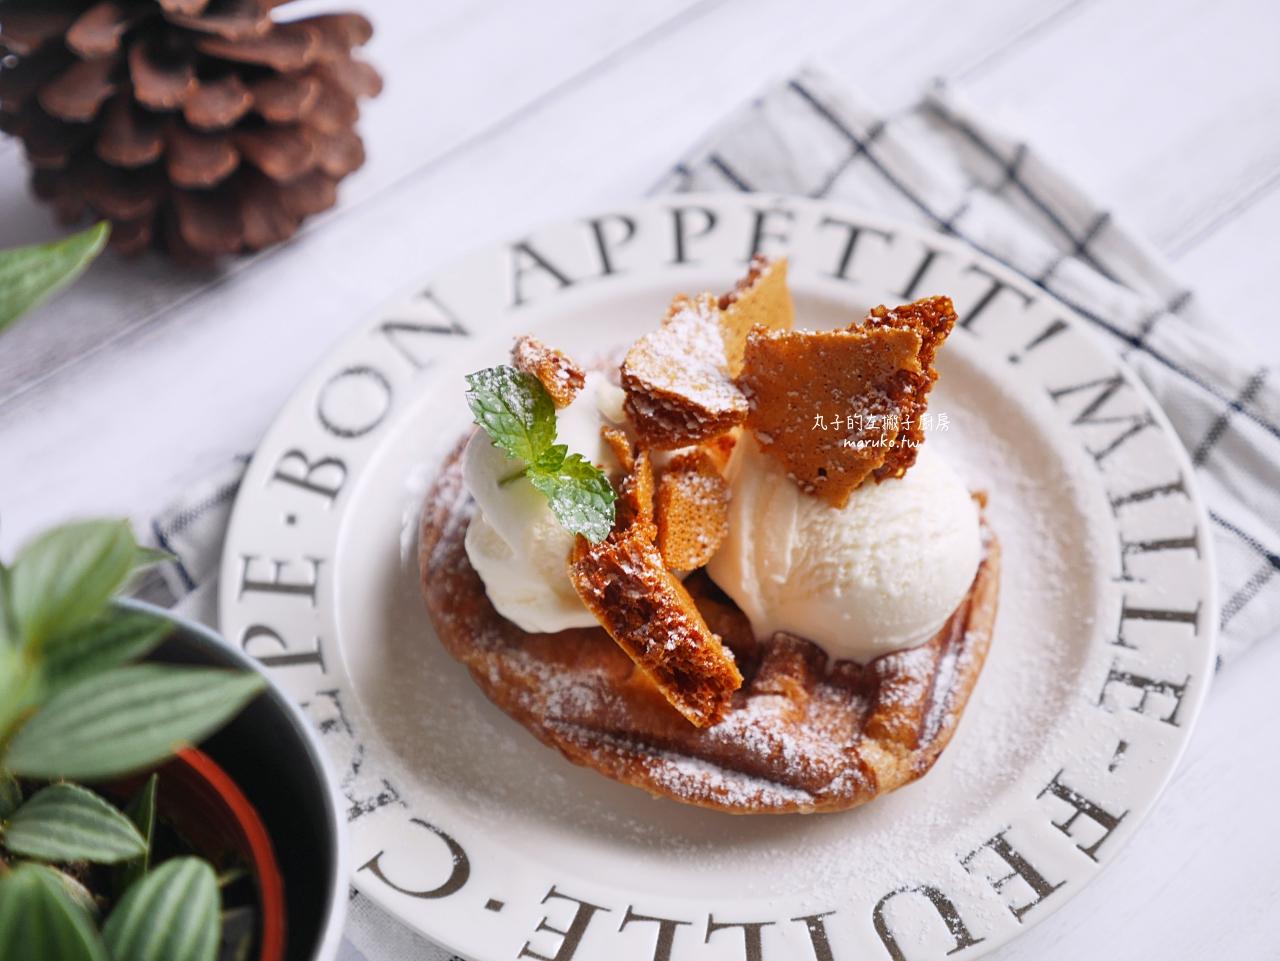 【食譜】可頌鬆餅 風靡韓國的蜂巢脆脆冰淇淋可頌鬆餅 鬆餅機鬆餅烤盤食譜 @Maruko與美食有個約會